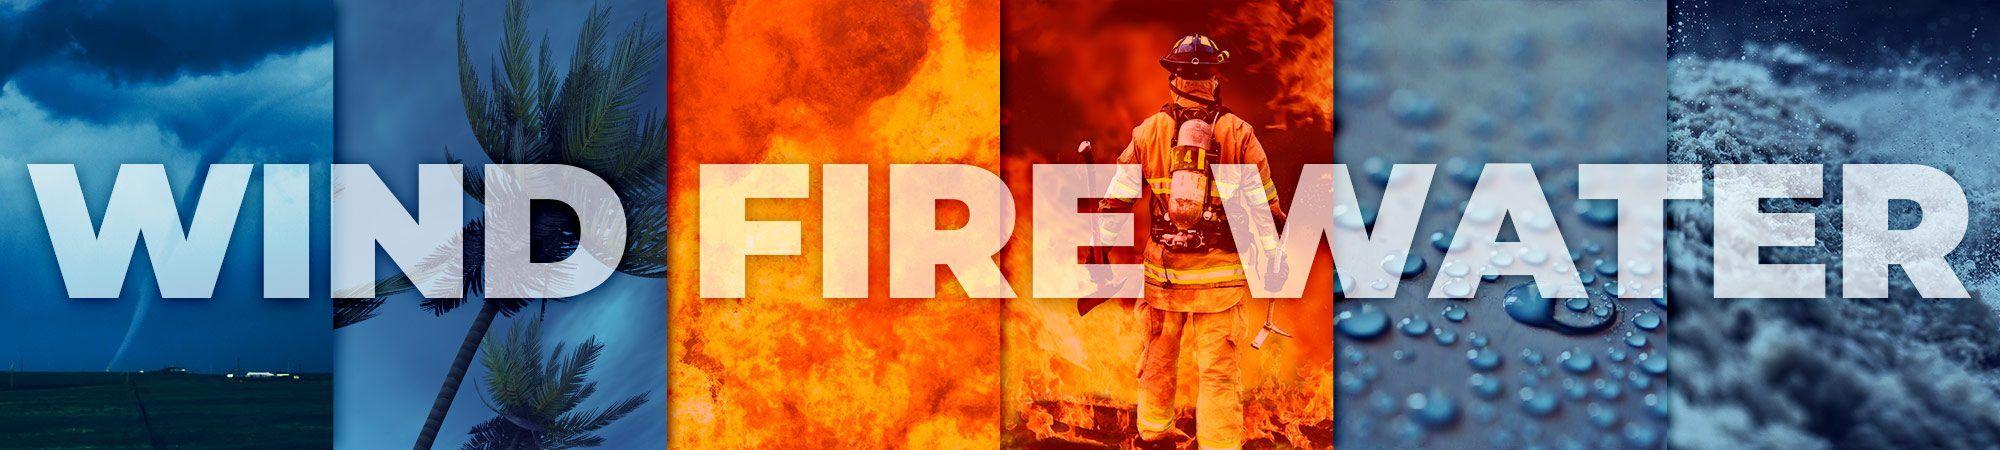 WIND-FIRE-WATER-5d3f023b5db83-2000x450.jpg